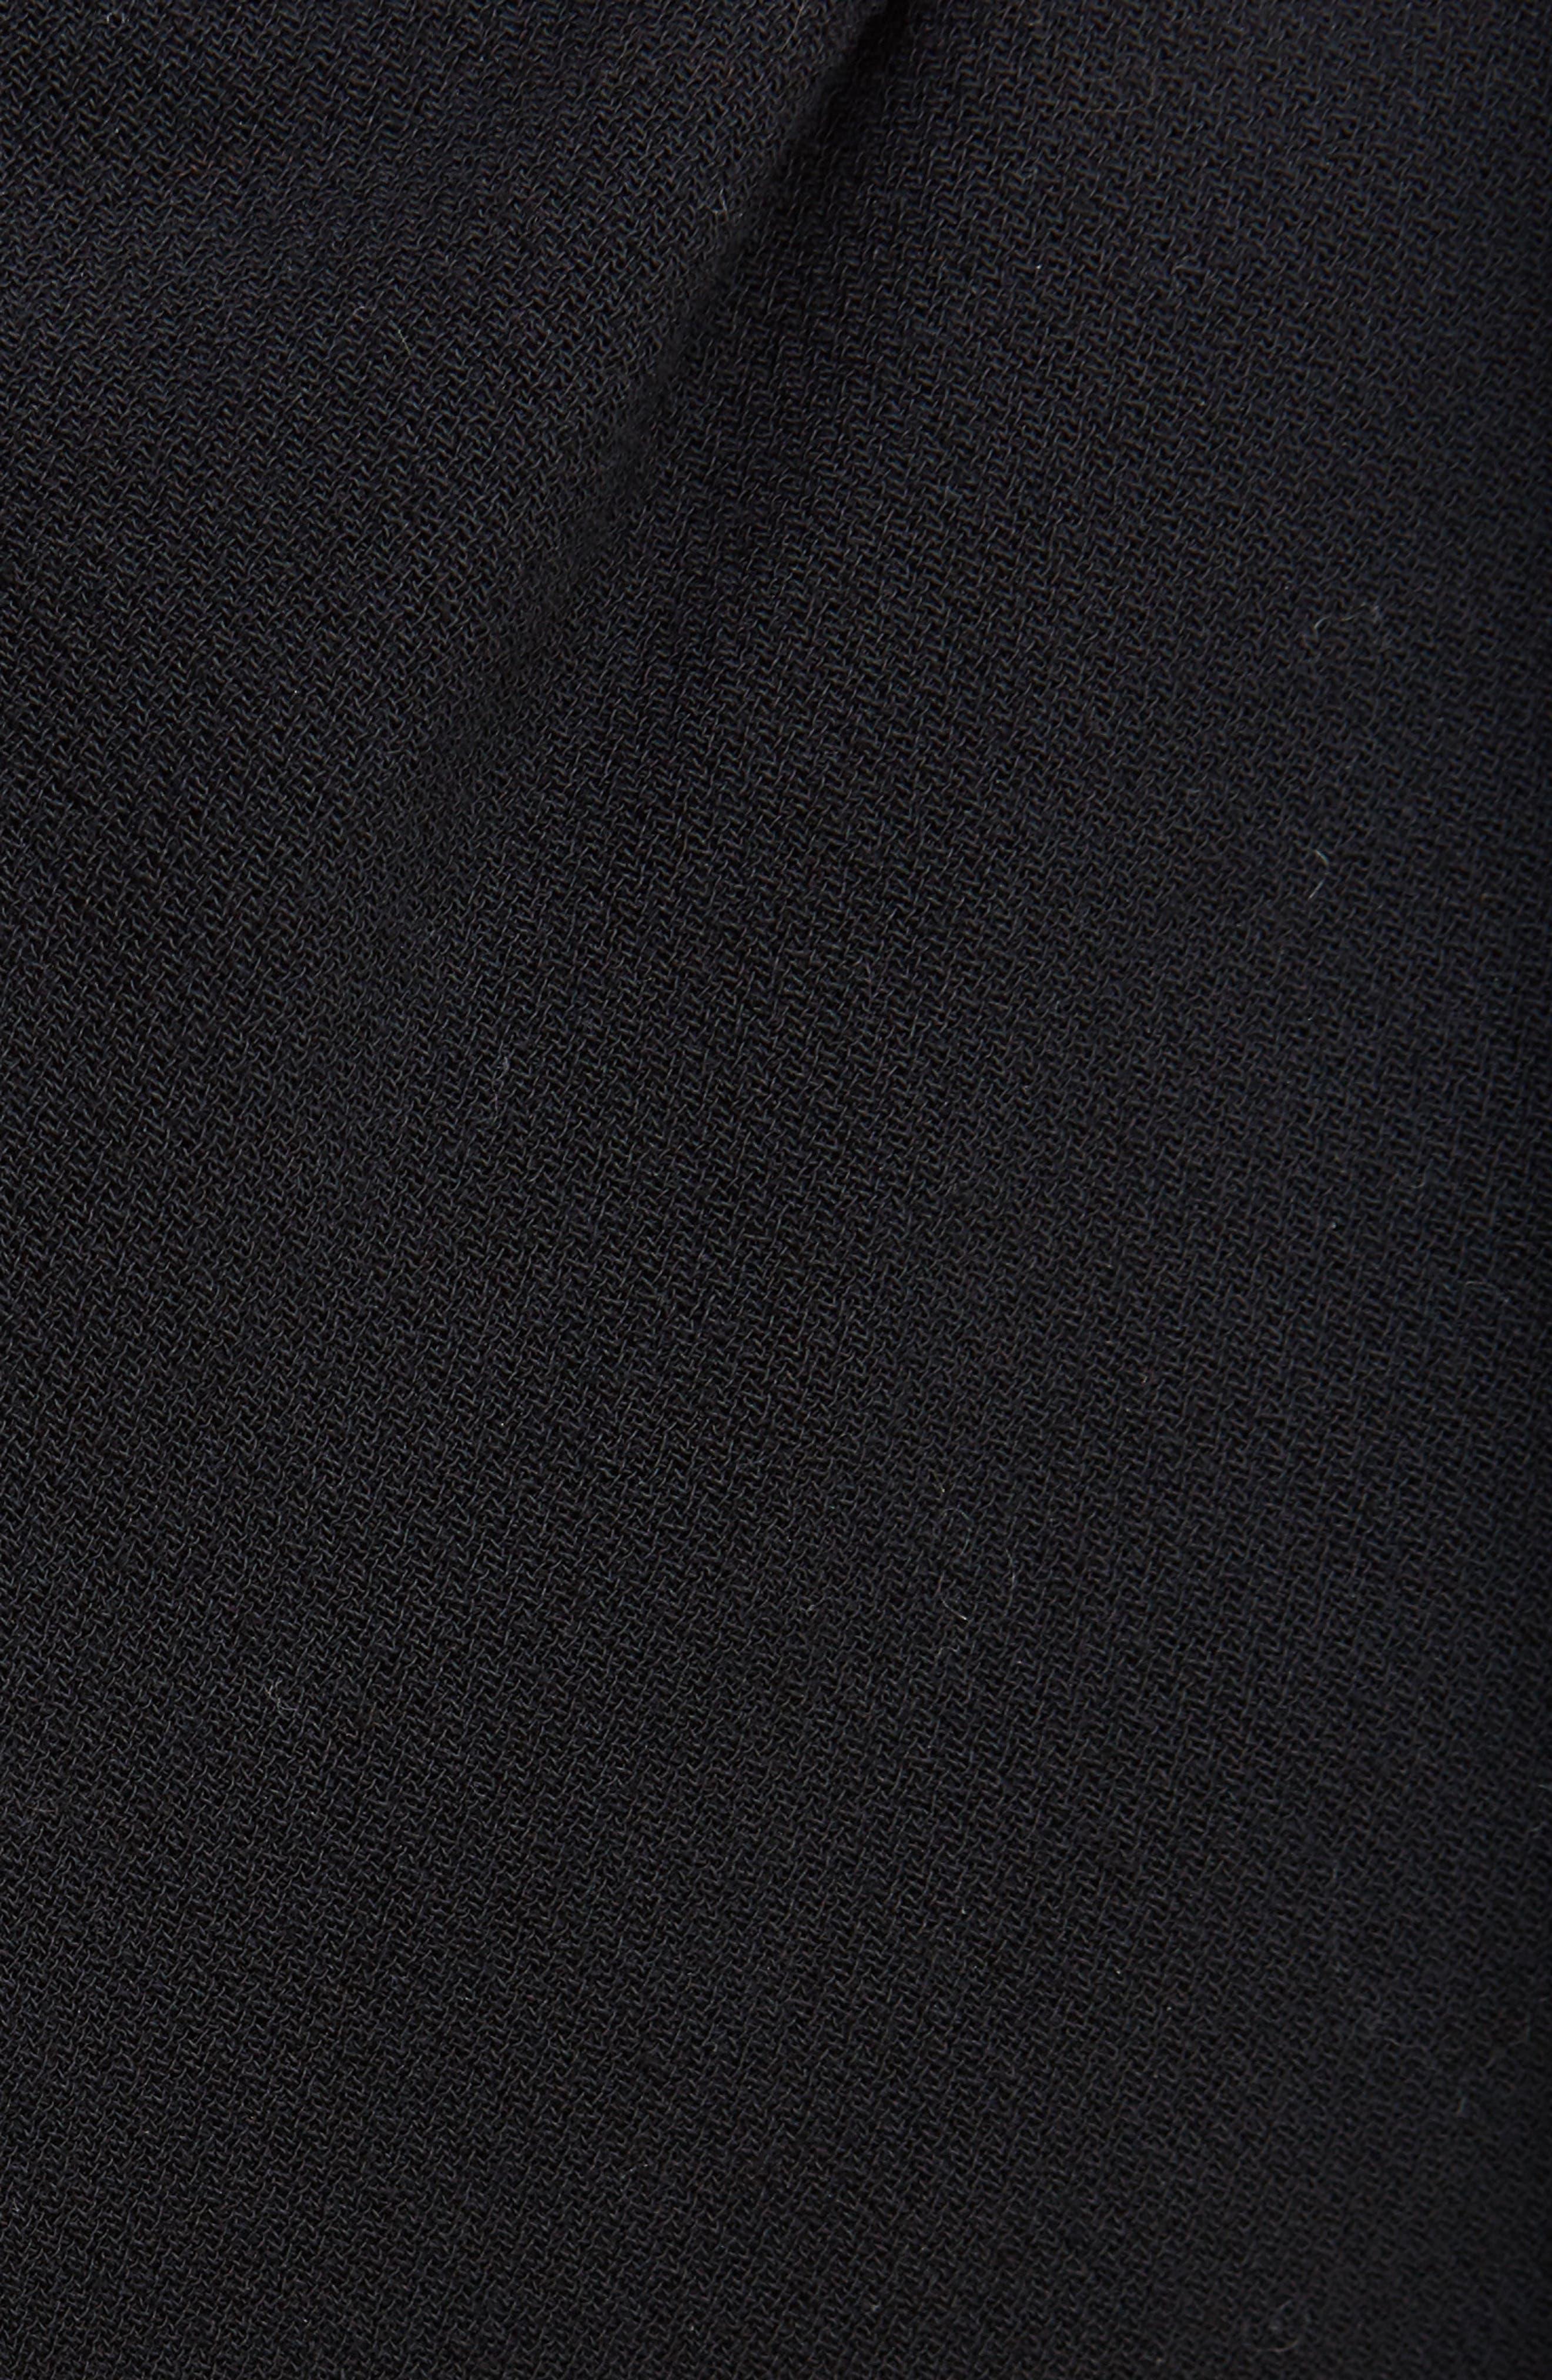 Drape Neck Dress,                             Alternate thumbnail 3, color,                             Black